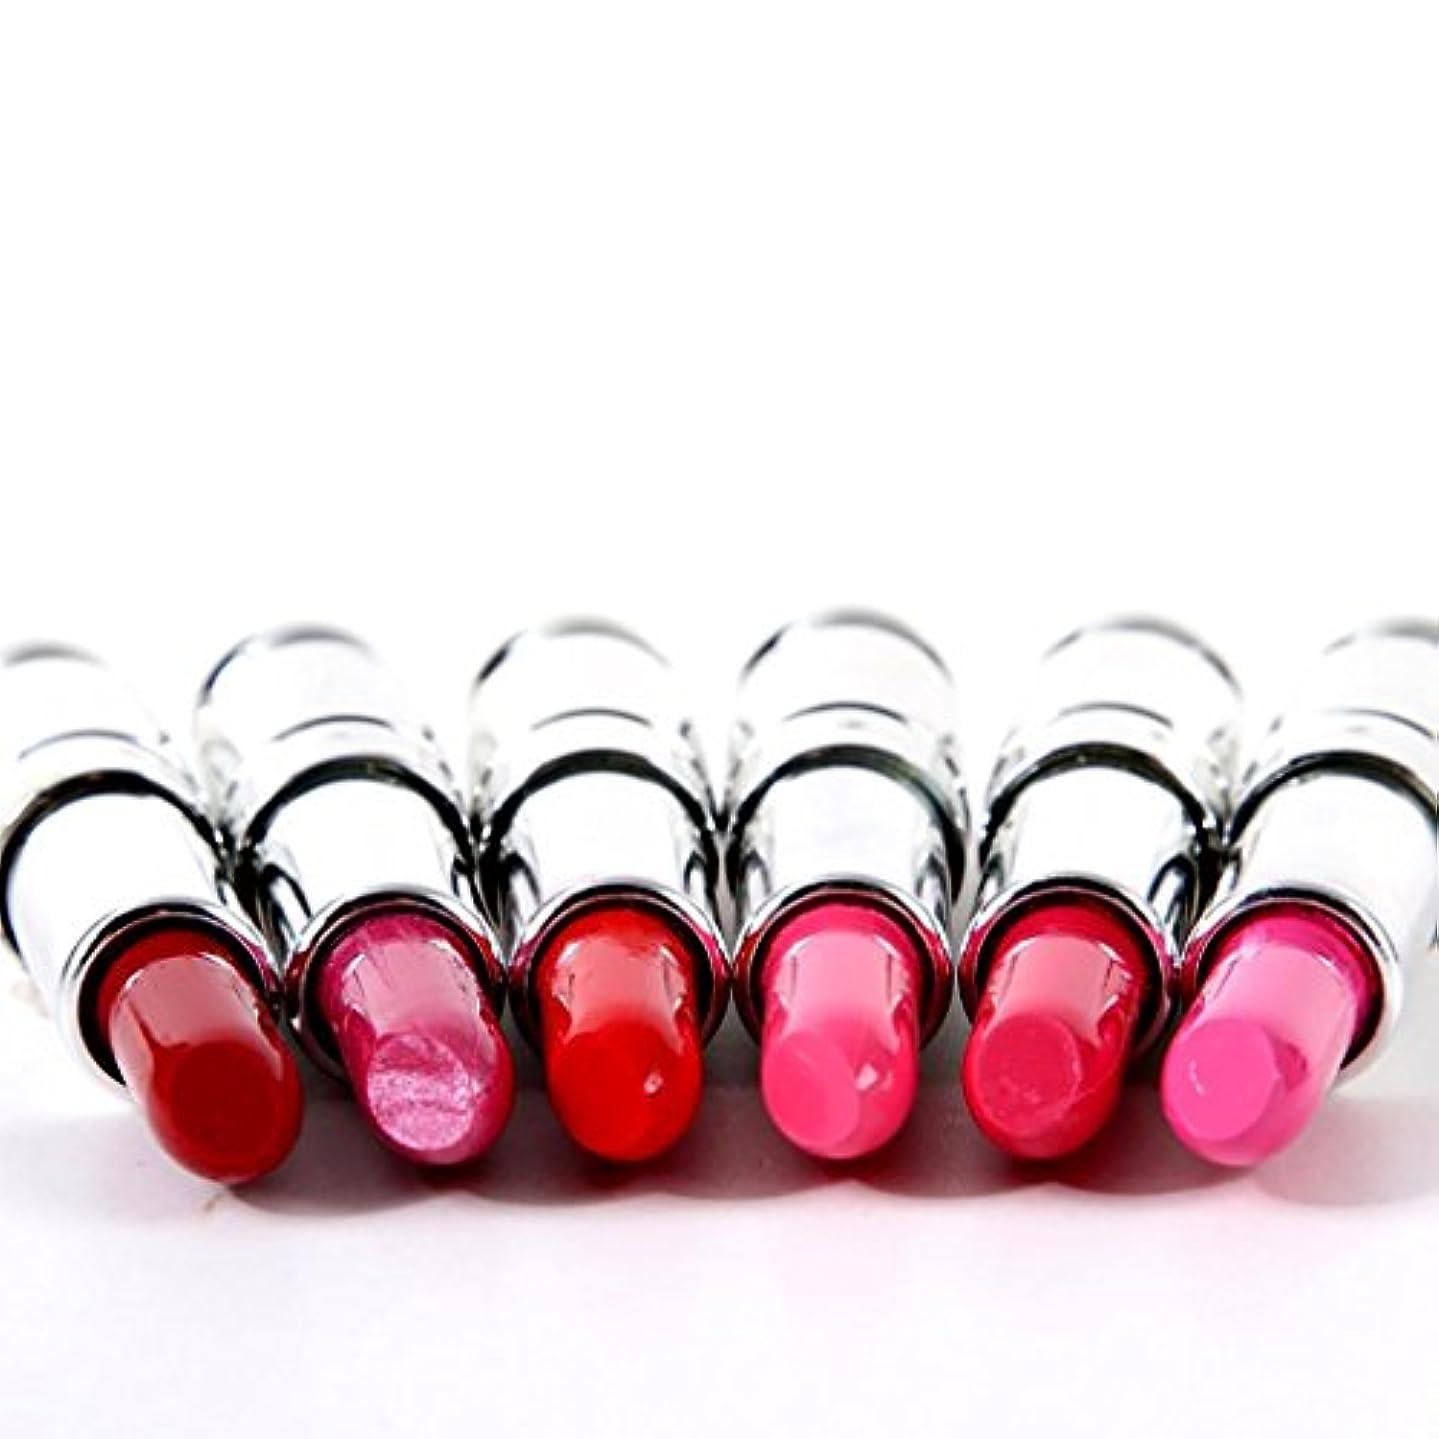 エクステント提唱するオーストラリア人リップスティック 口紅 セット 潤い 人気色 唇メイク 6色入り